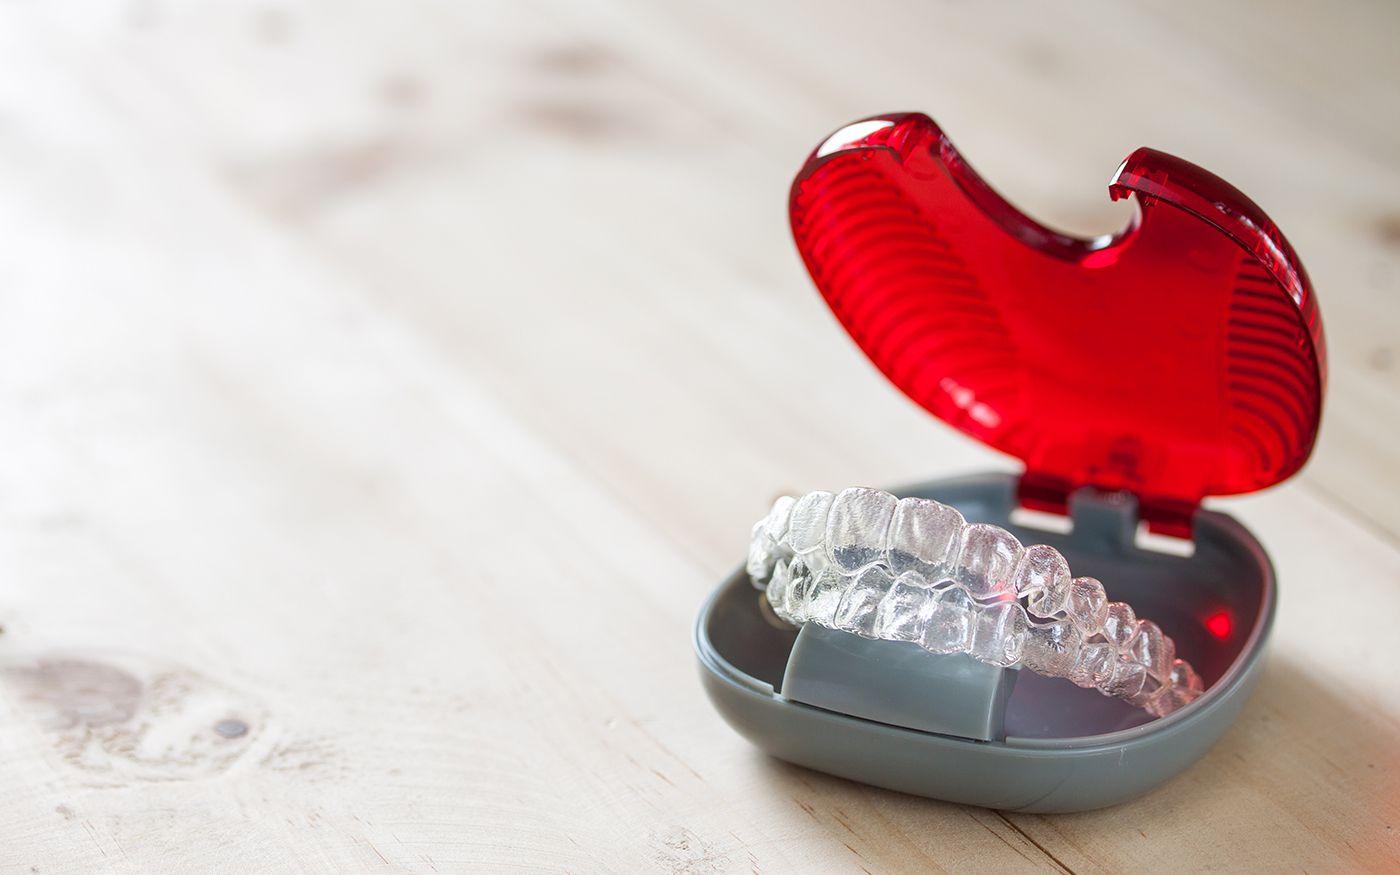 Retenedores de ortodoncia invisible en su caja